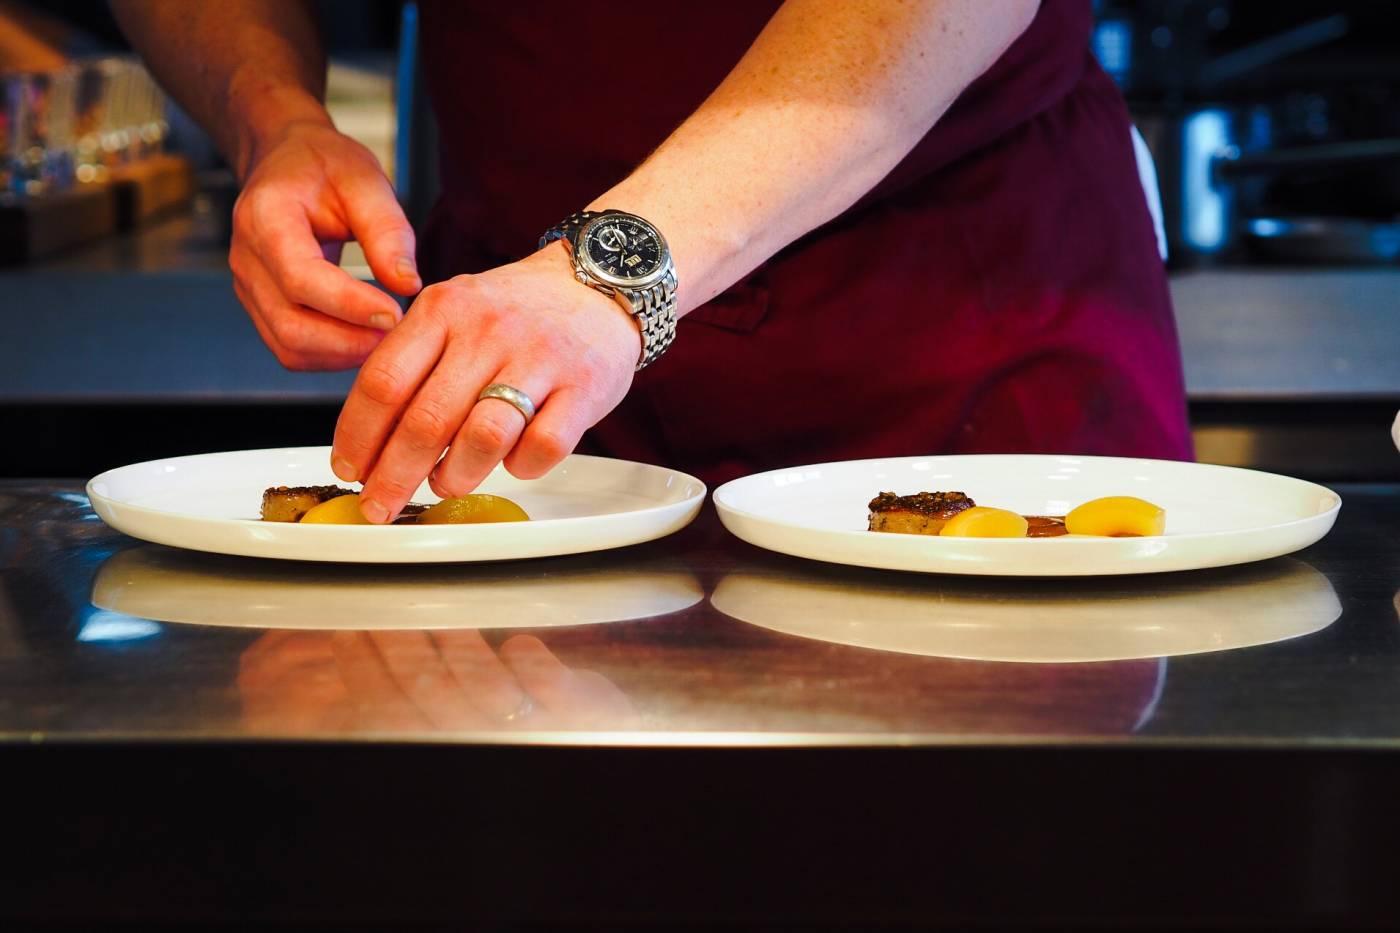 Paris_House_Woburn_Spring_Menu_Review_10course_chefs_table(3)